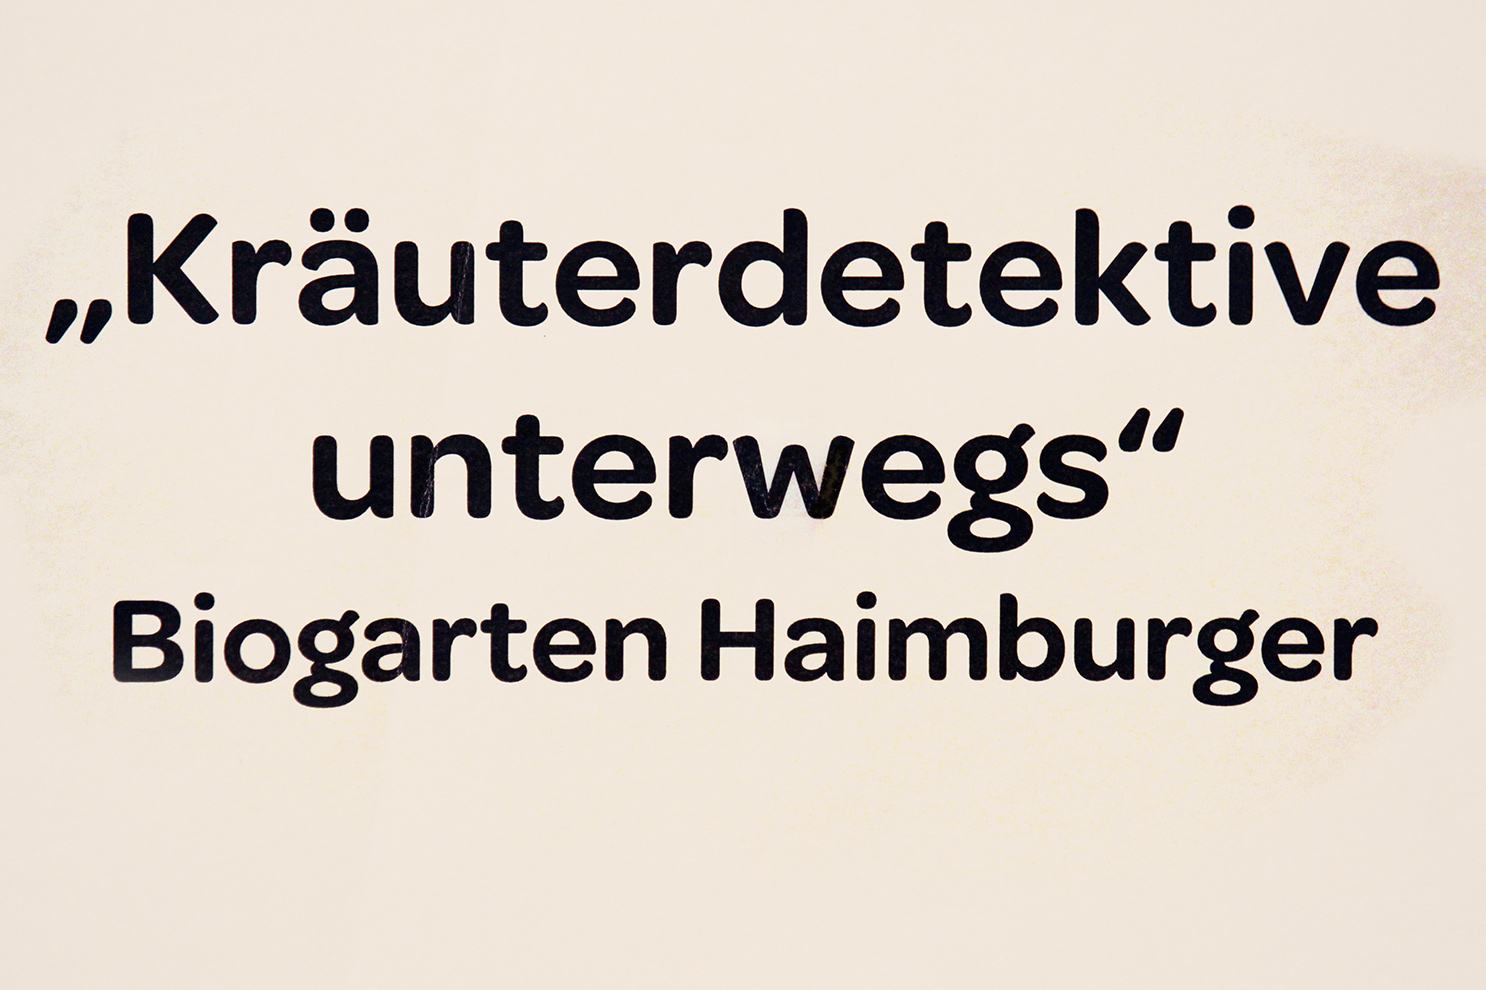 www.biogartenhaimburger.at